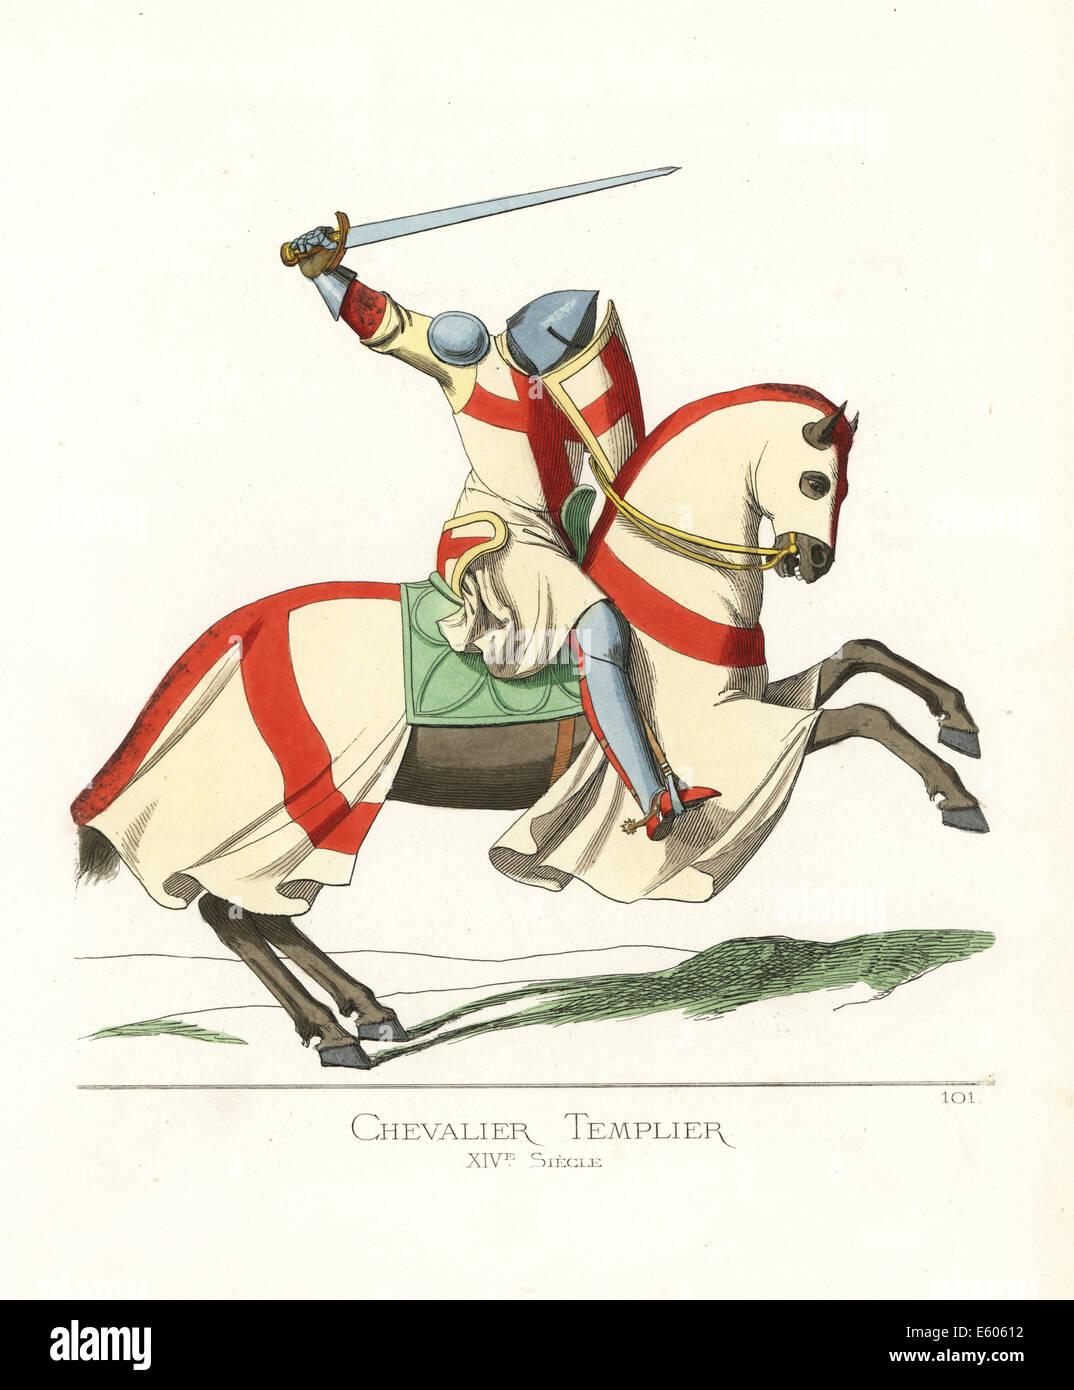 Un cavaliere templare a cavallo del XIV secolo. Immagini Stock